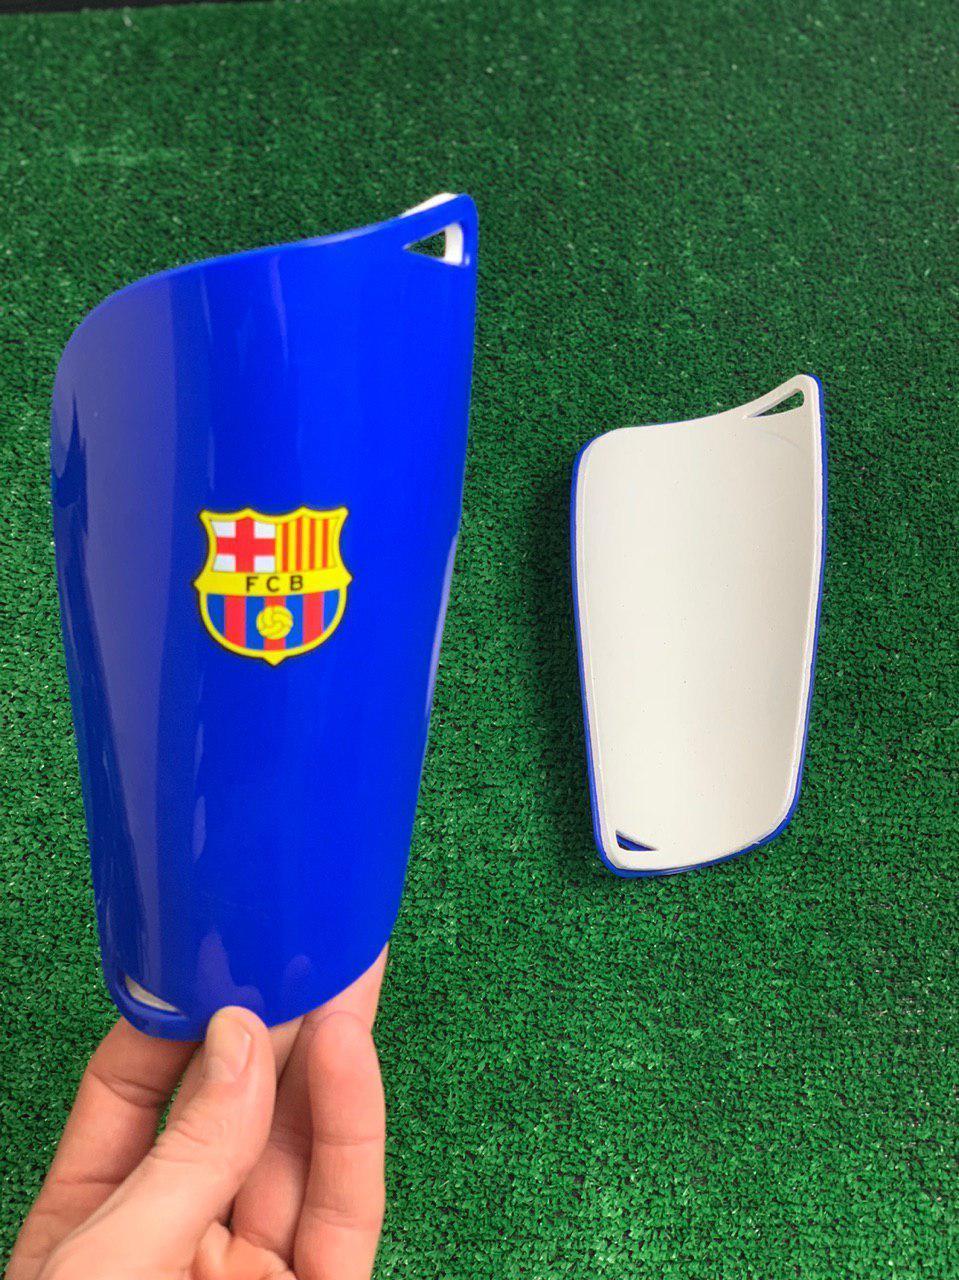 Щитки для футбола  Барселона  синие 1090(реплика)